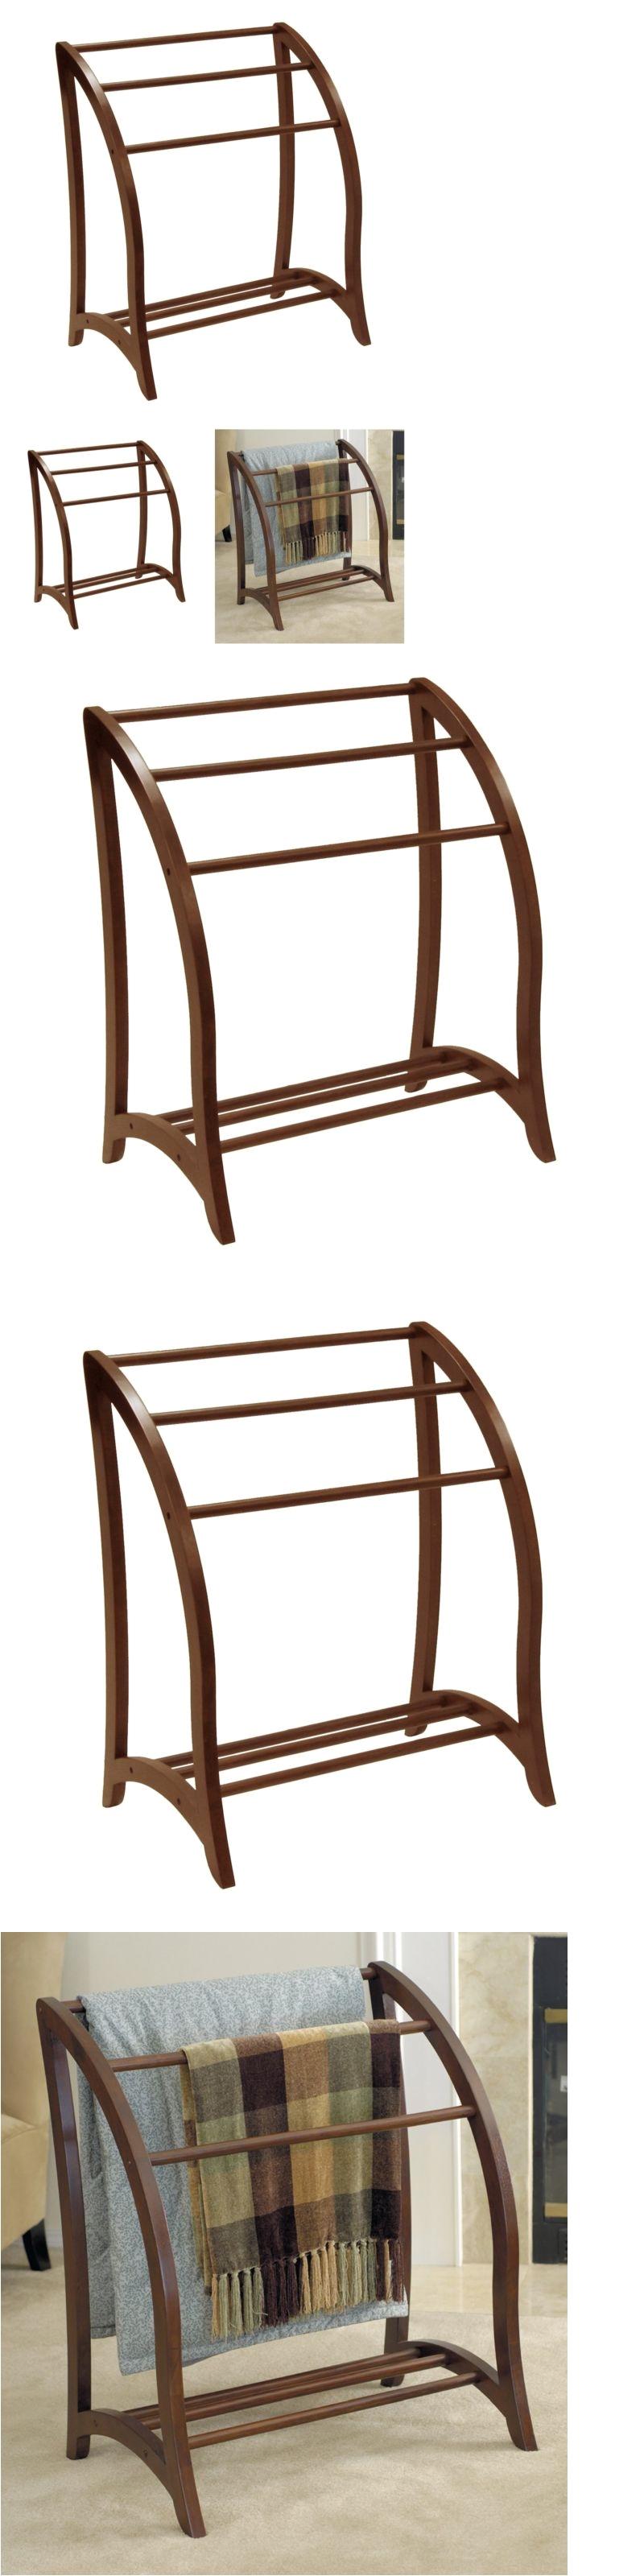 quilt hangers and stands 83959 towel floor stand holder standing blanket hanger quilt bathroom wooden